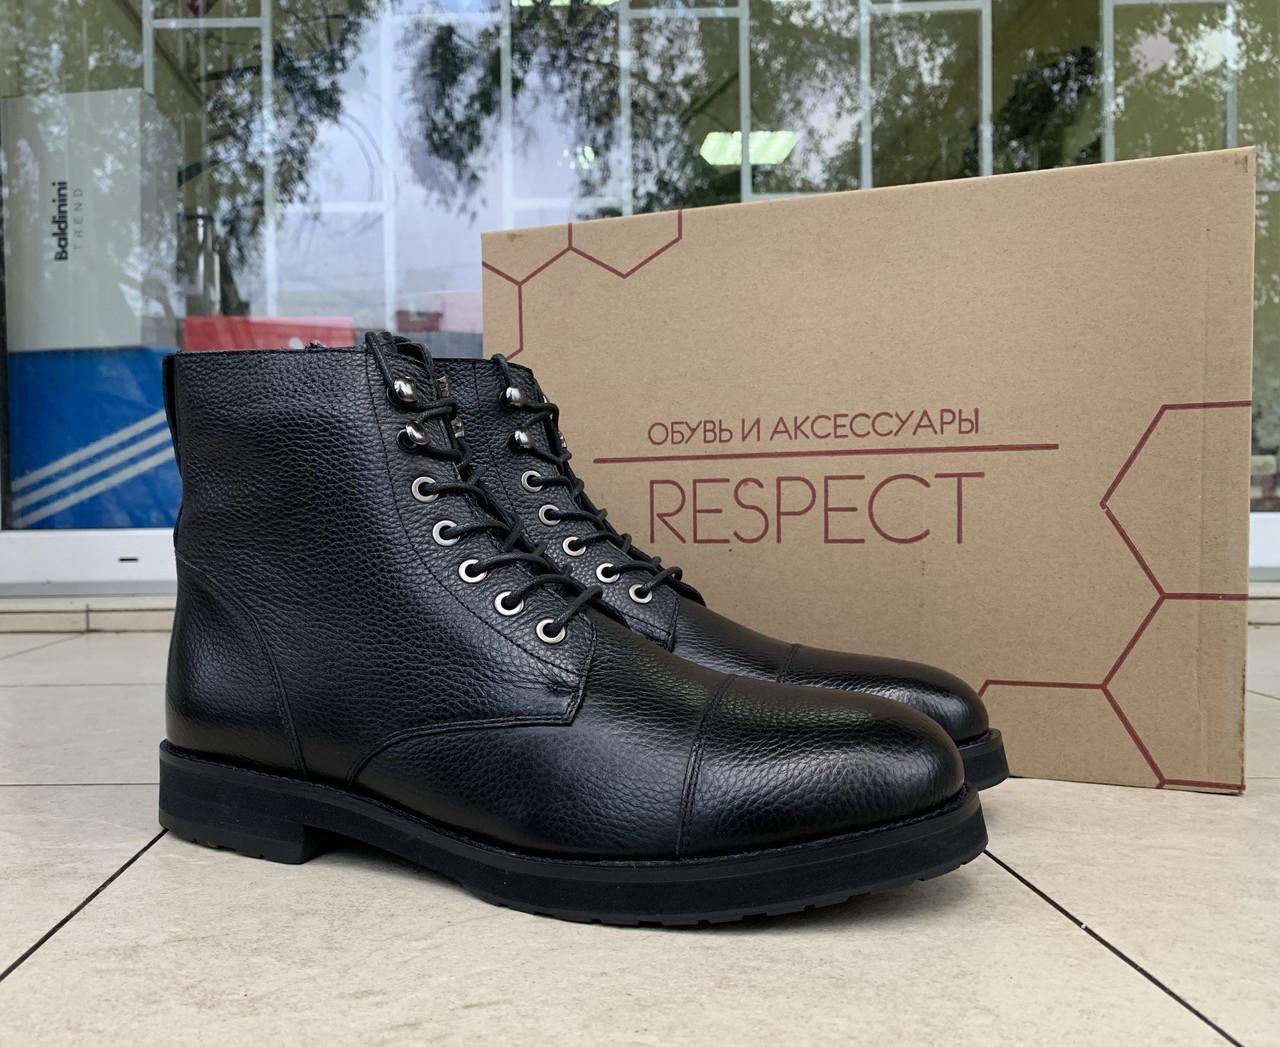 Мужские зимние ботинки Respect натуральная кожа цигейка 45